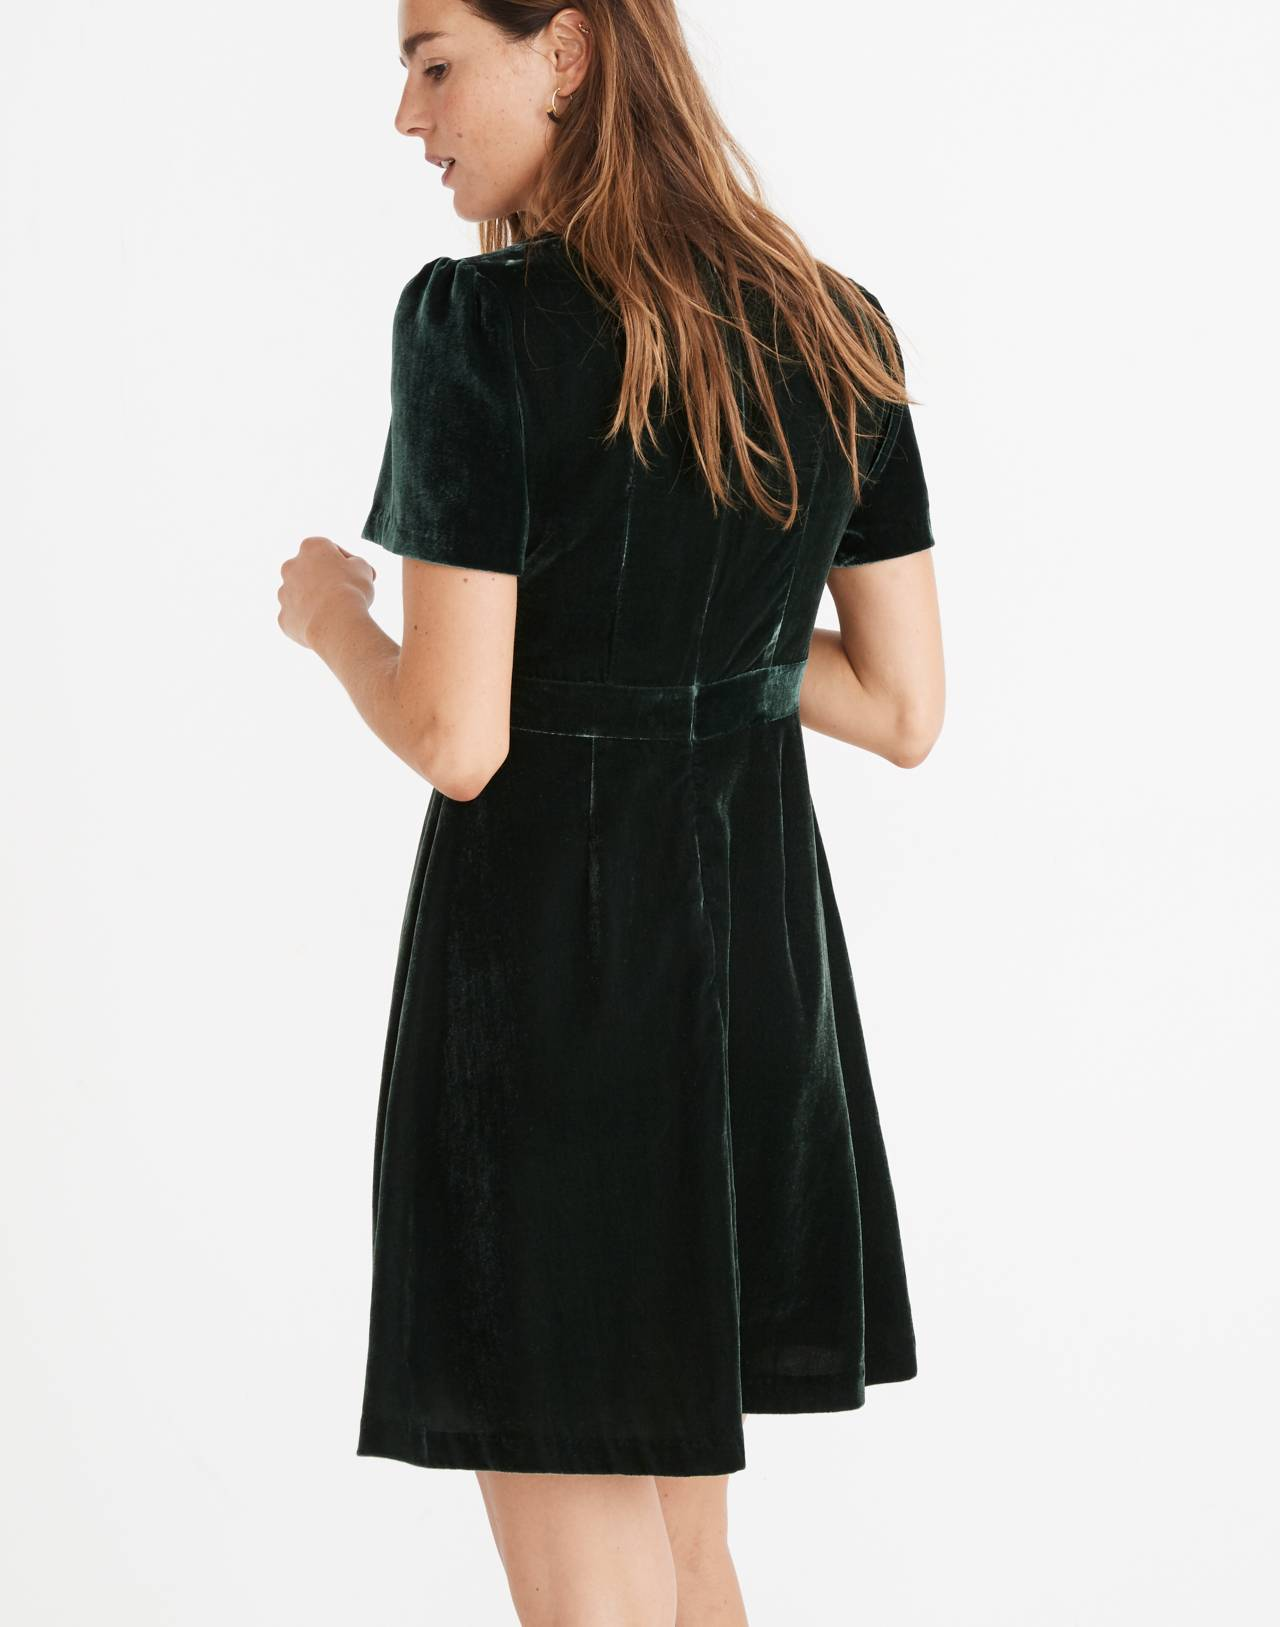 Velvet Mini Dress in smoky spruce image 3